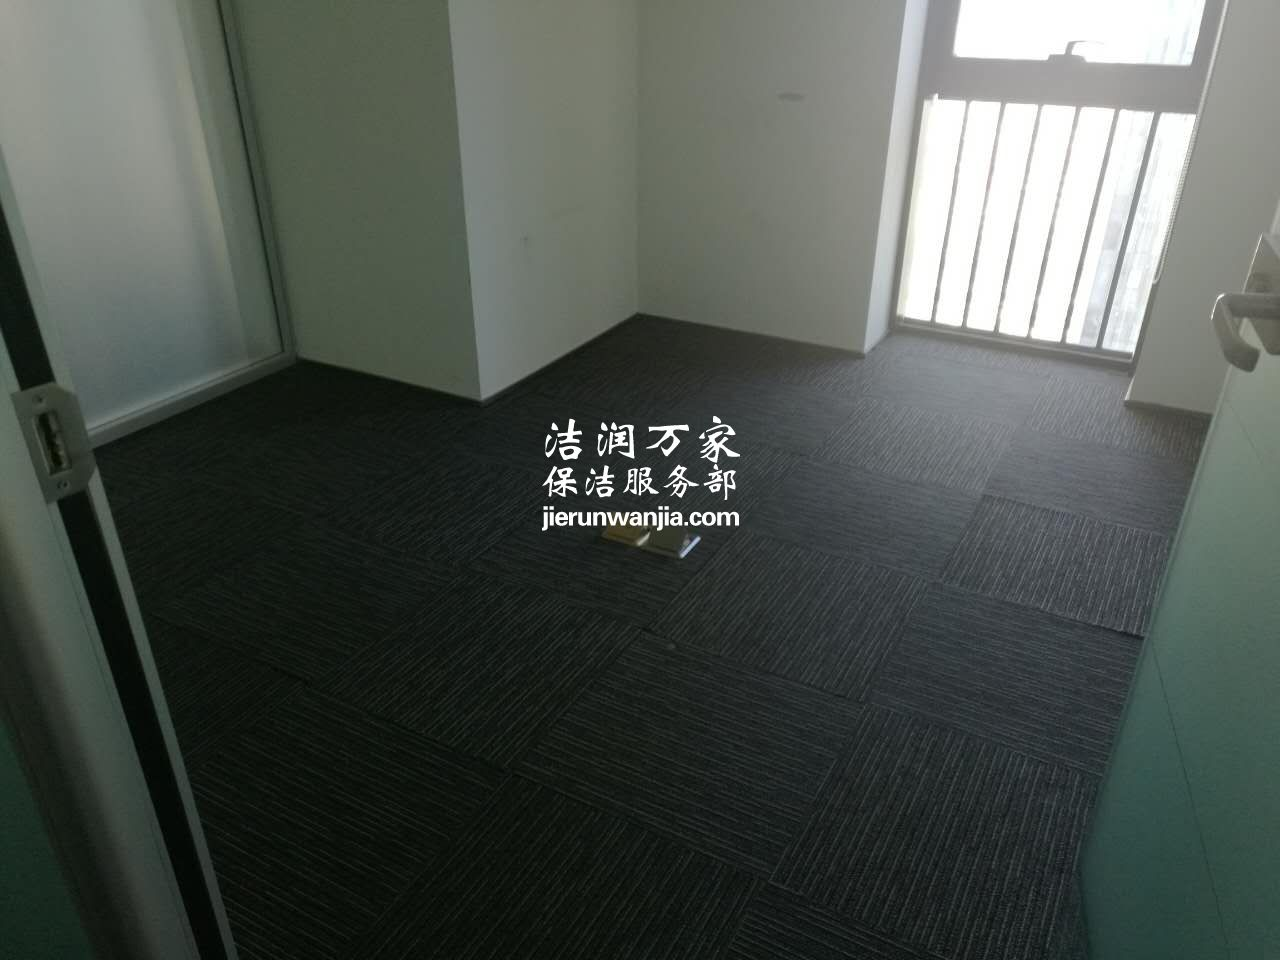 洁润万家保洁之西王大厦1607之地毯清洁